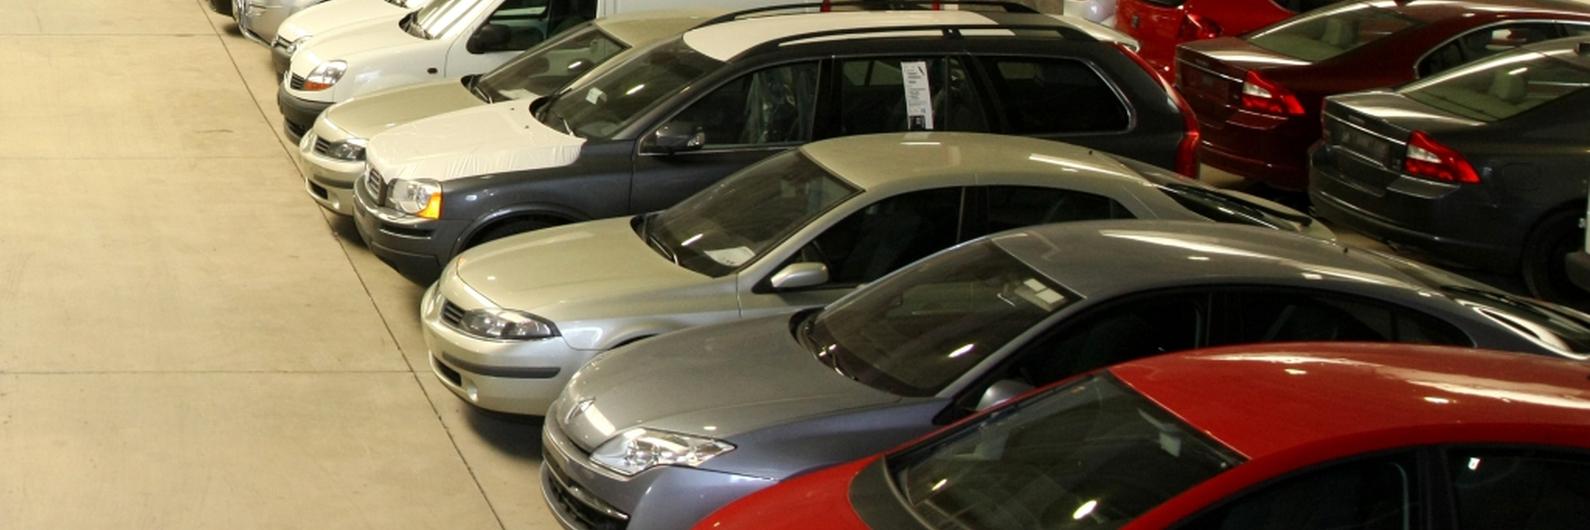 Venda de automóveis em fevereiro continua abaixo dos três últimos anos